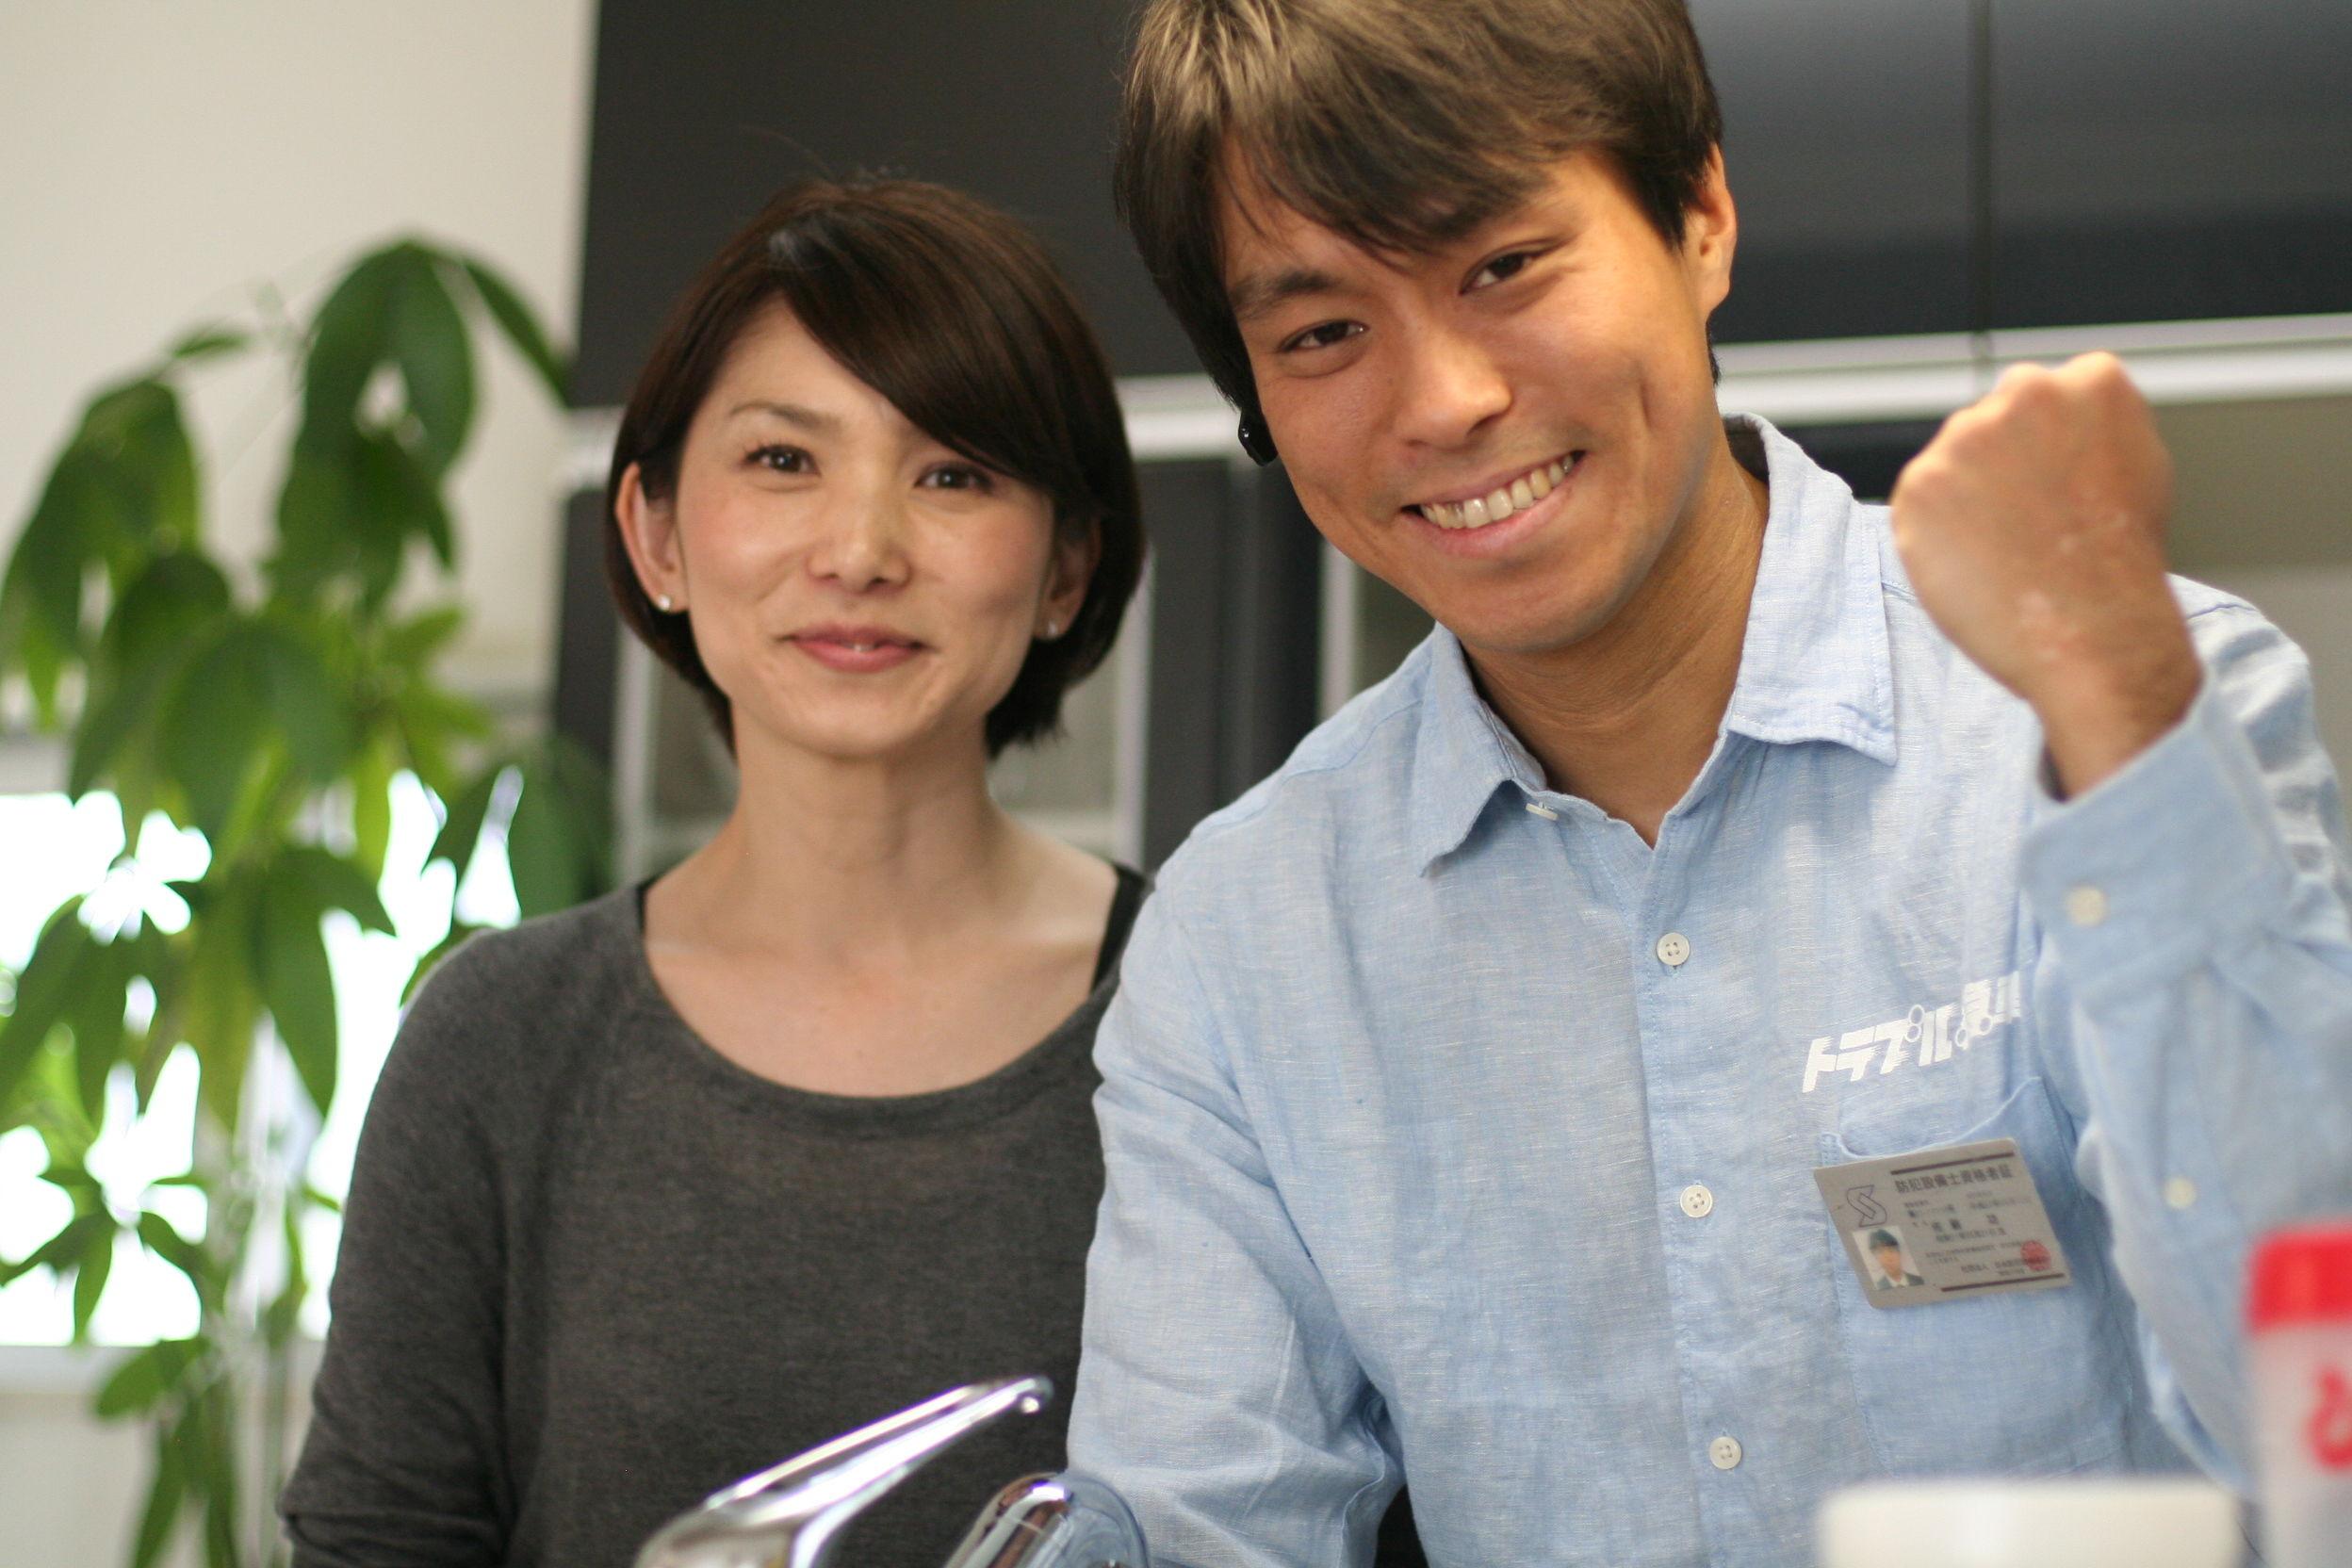 水まわりのトラブル救急車【江戸川区 出張エリア】の店内・外観画像3